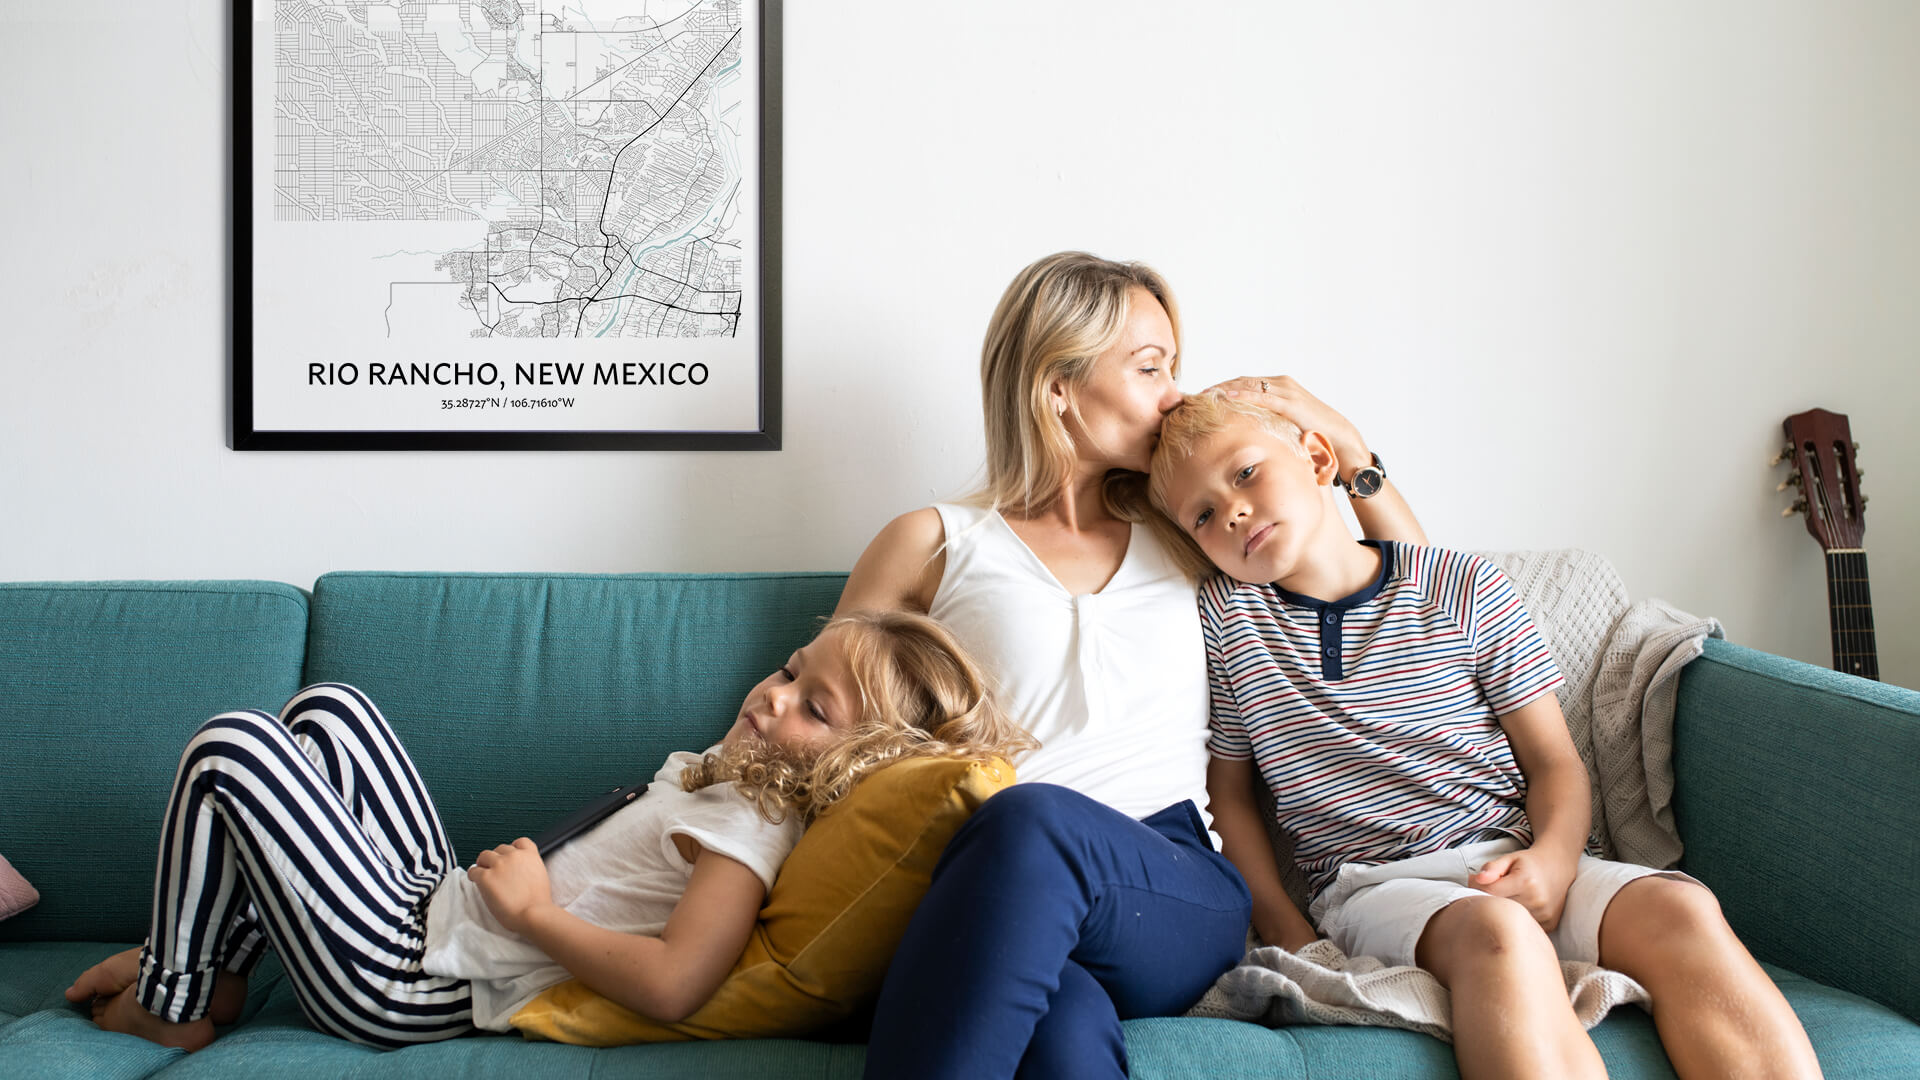 Rio Rancho map poster